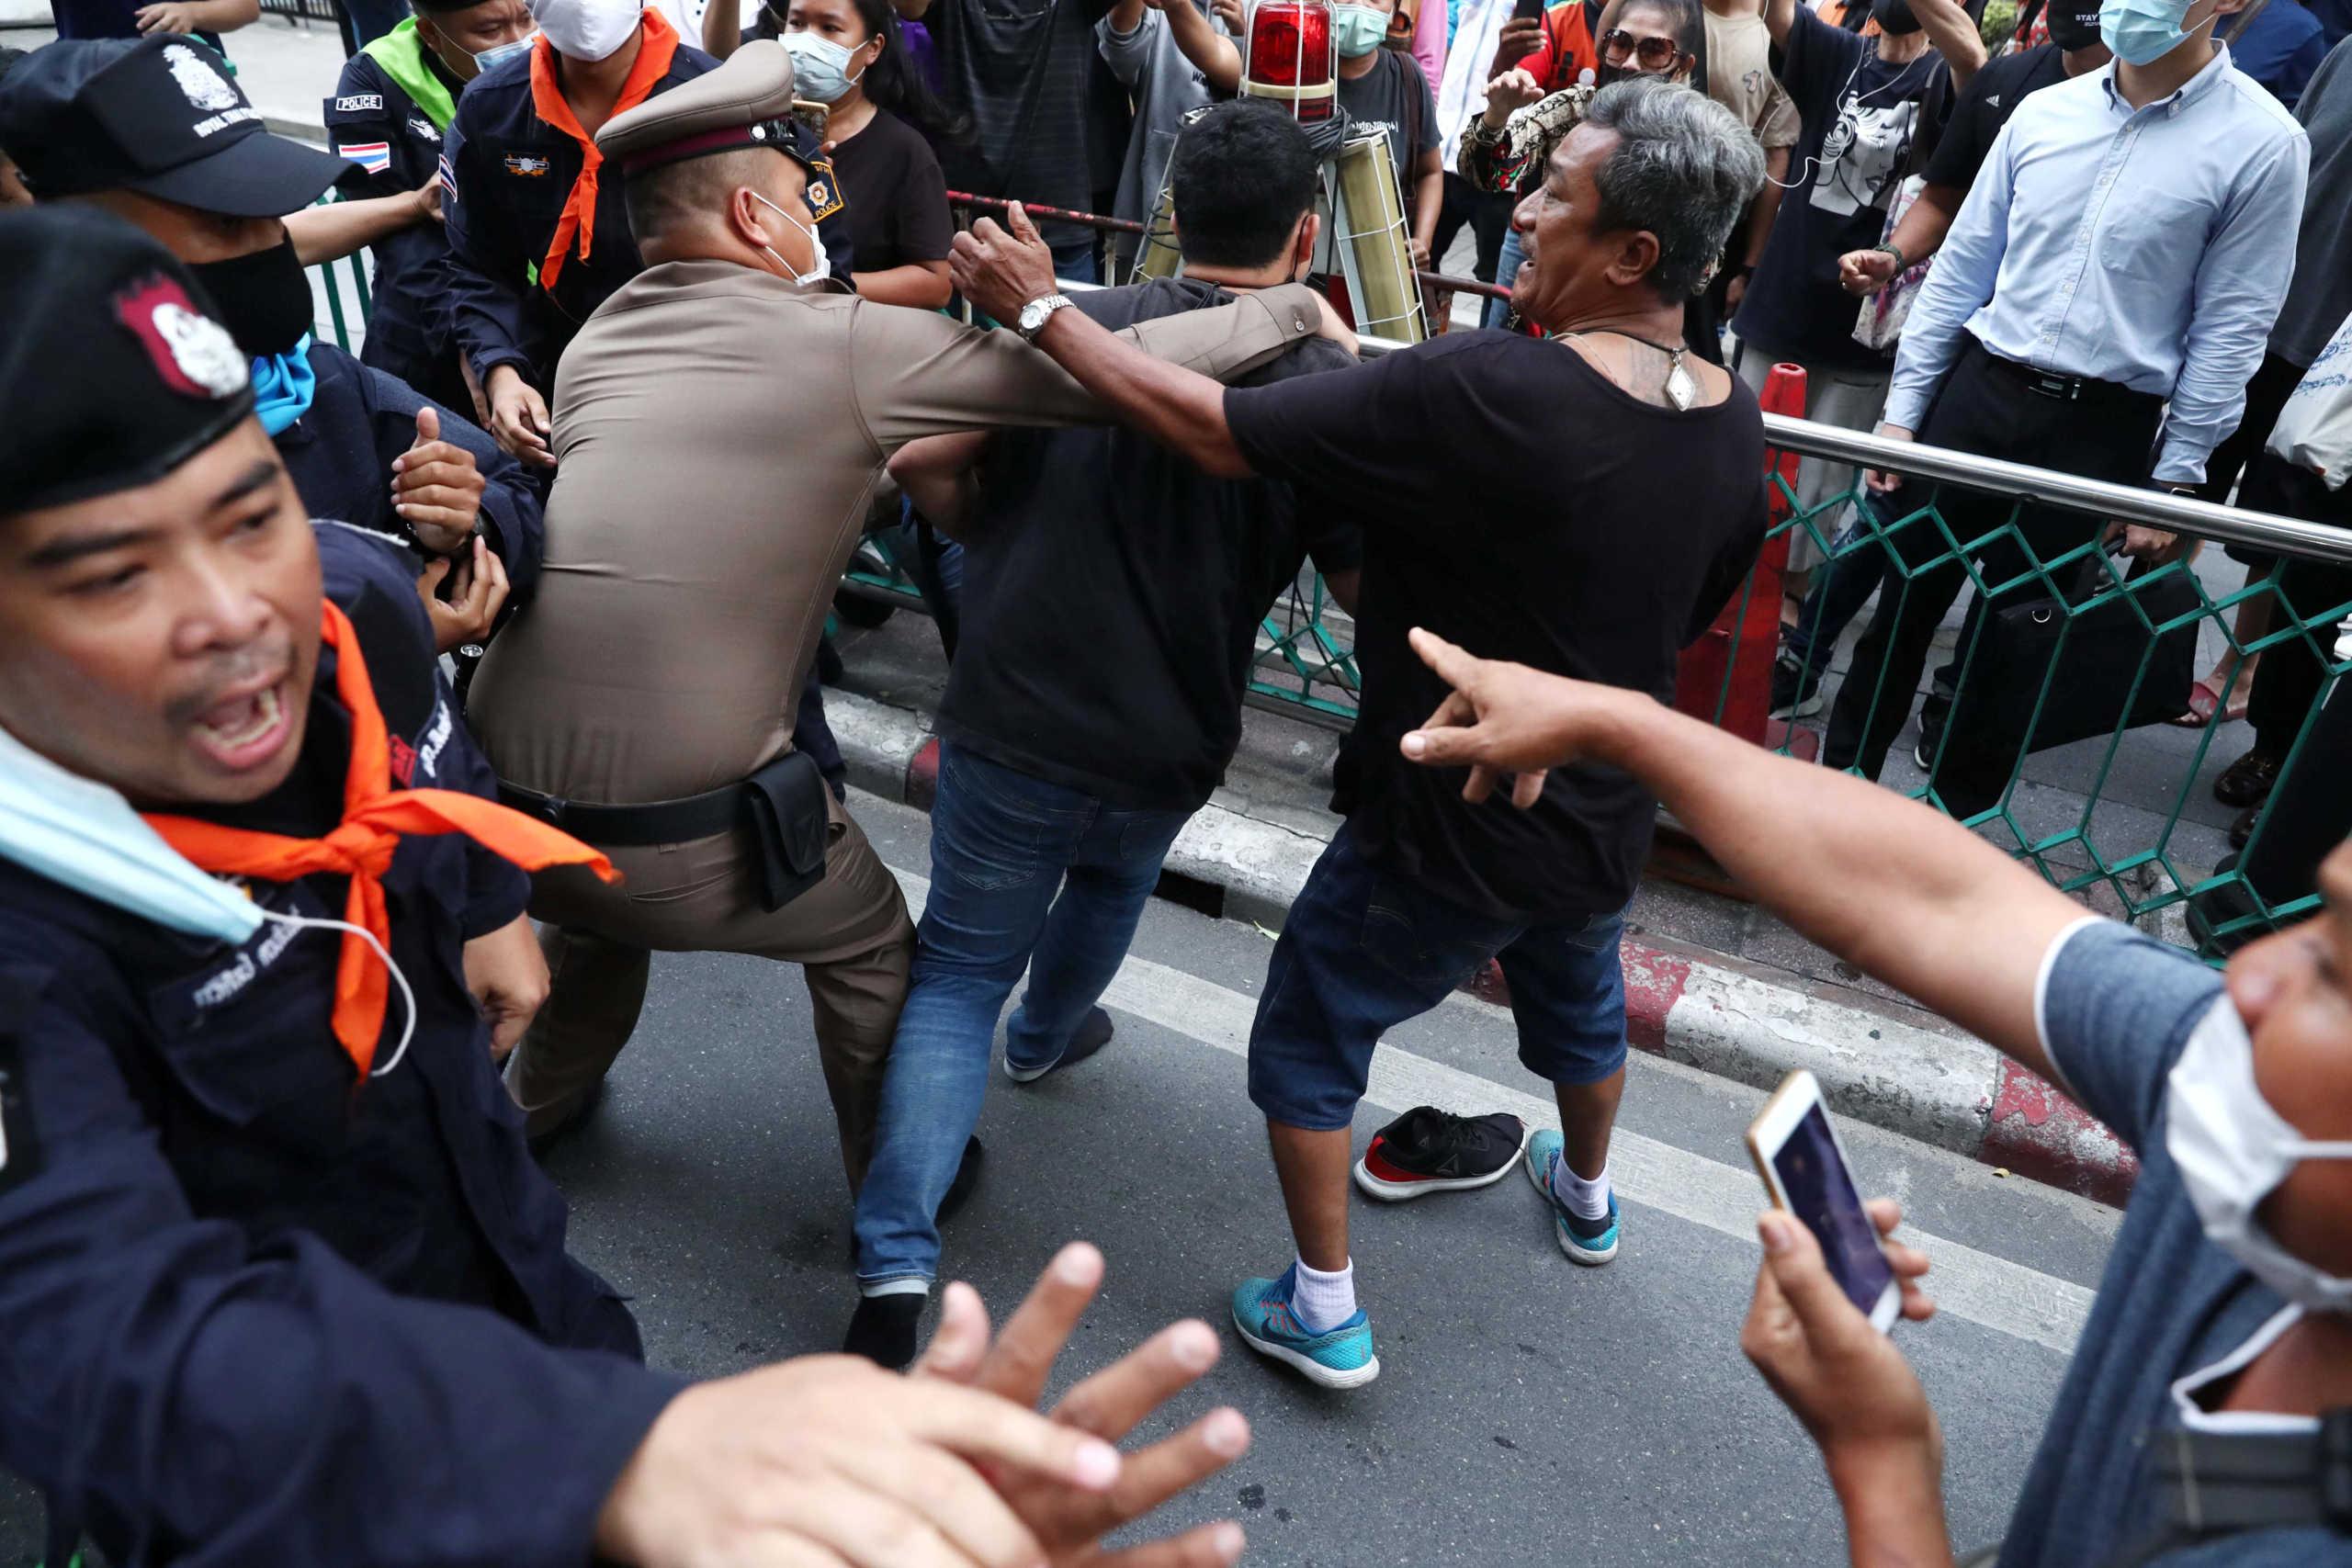 Ταϊλάνδη: Αντικυβερνητικοί διαδηλωτές σταμάτησαν την βασιλική αυτοκινητοπομπή (pics, video)